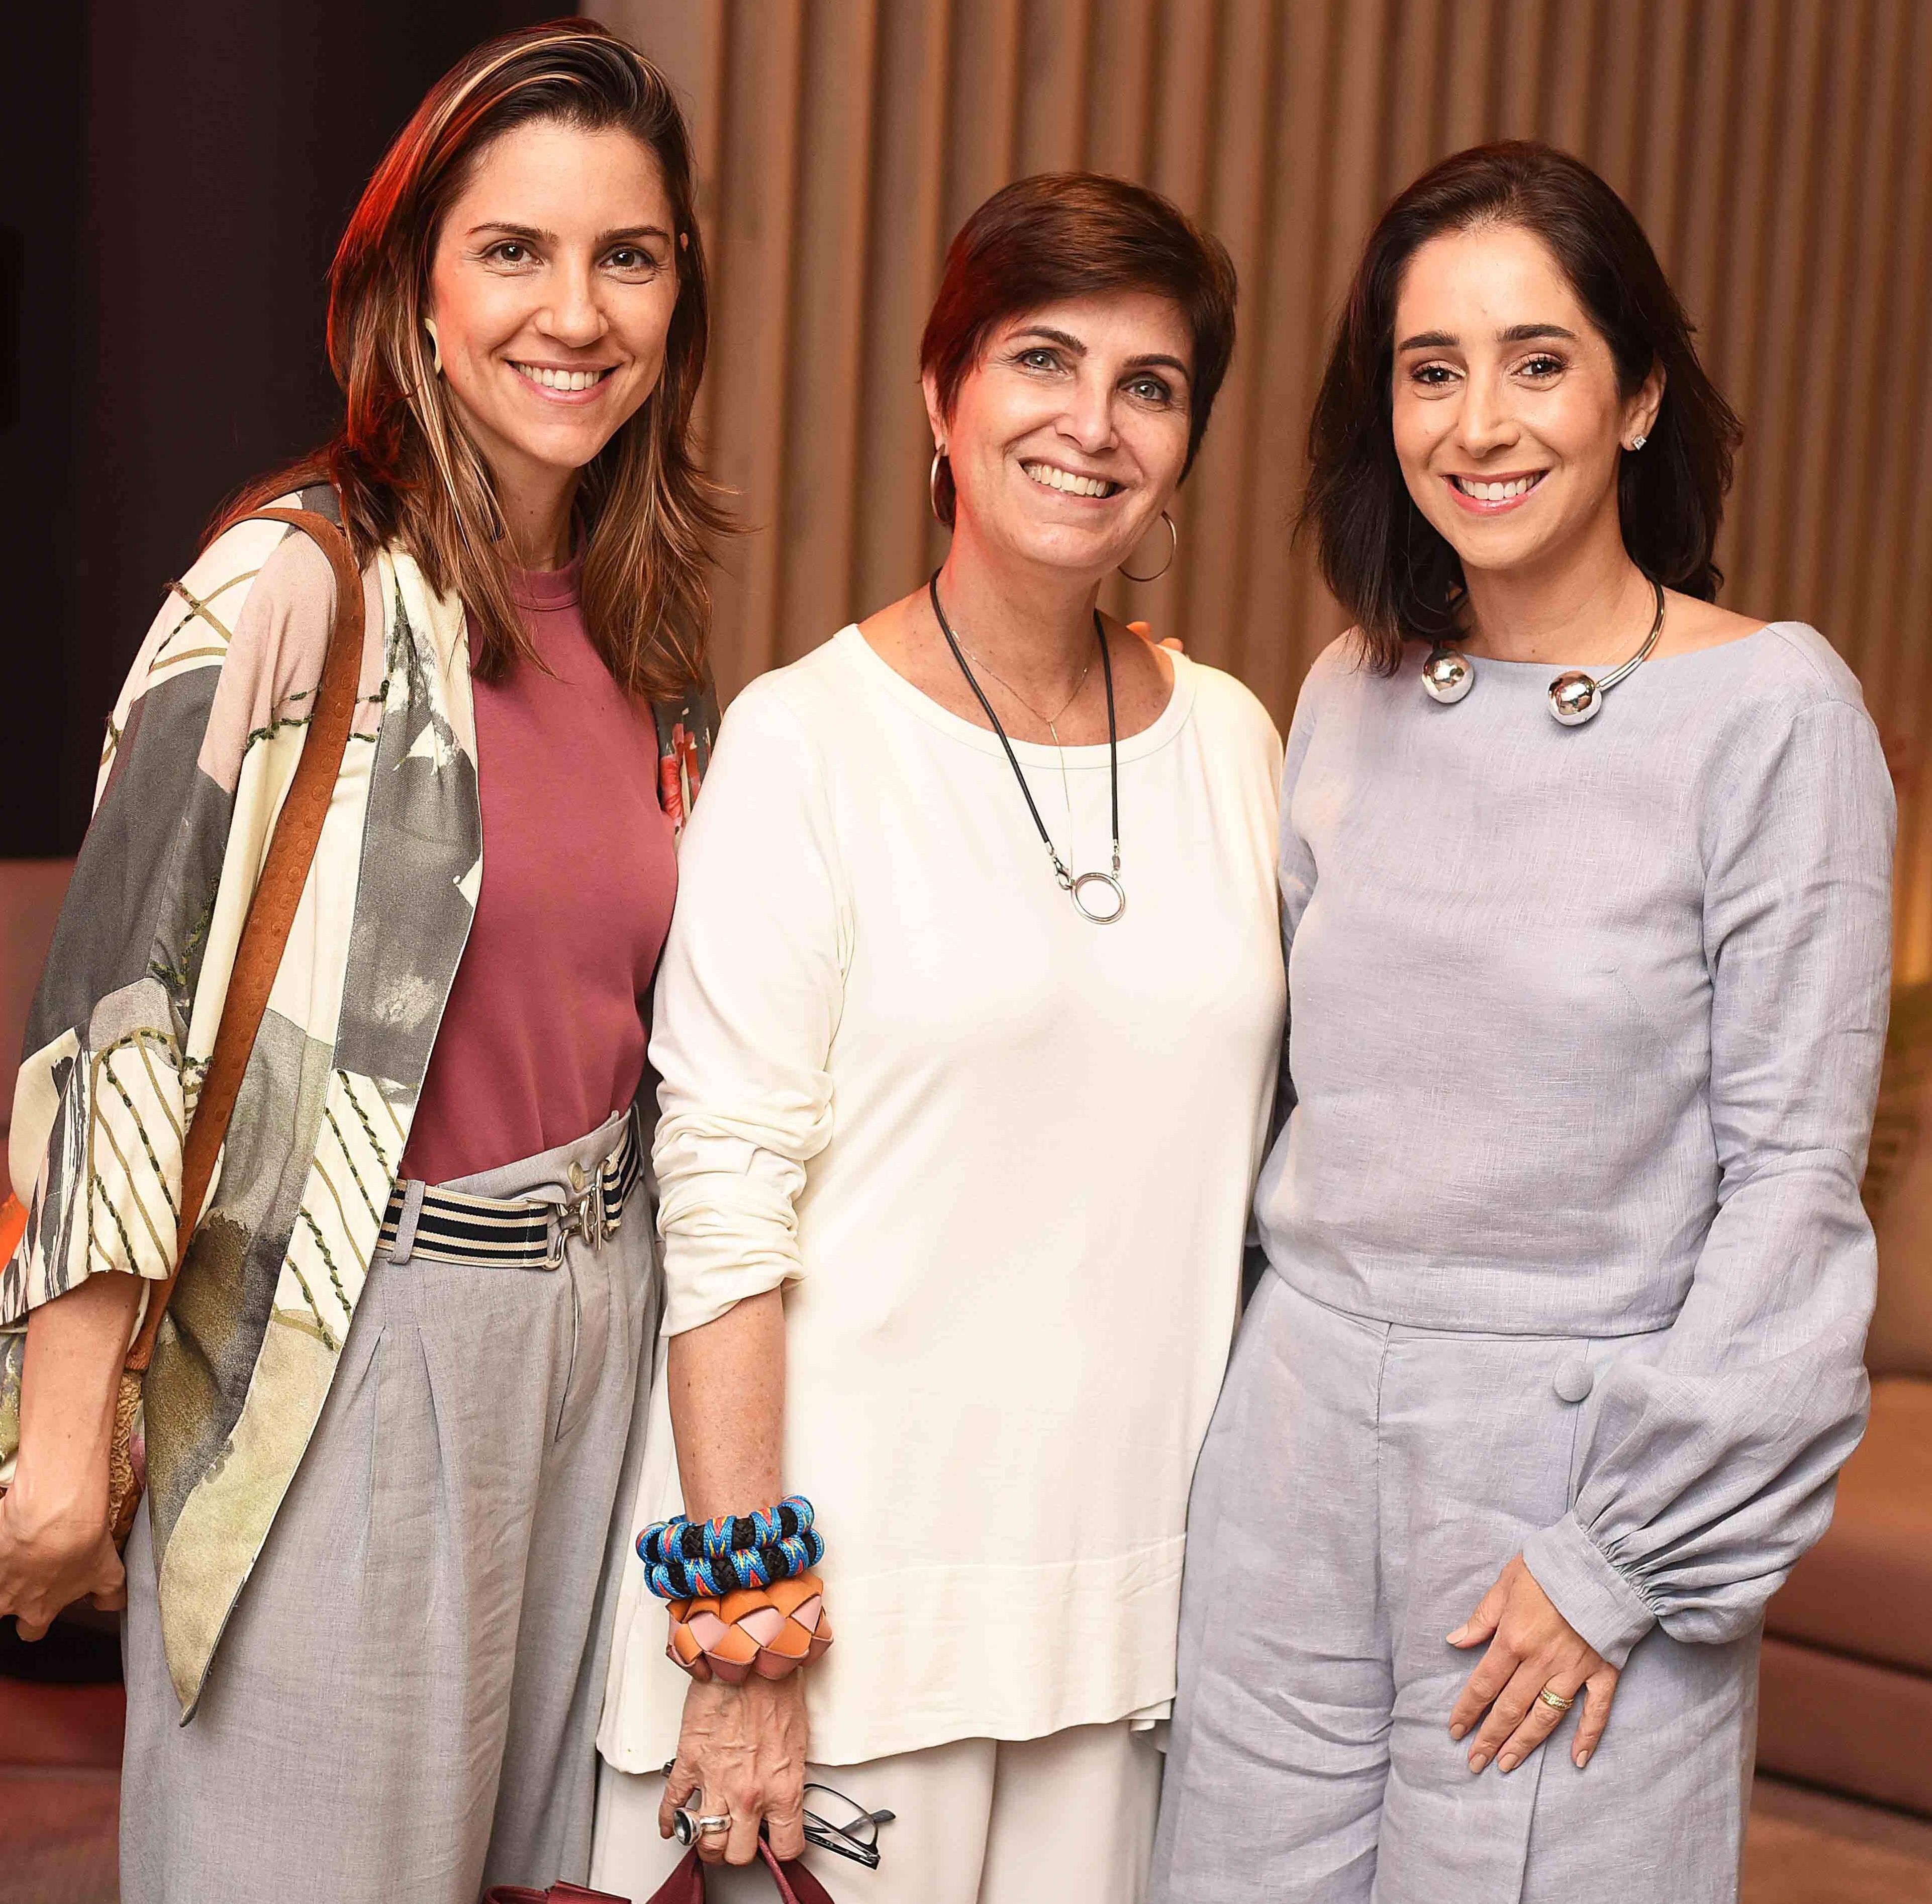 Carolina Calmon, Margarida Vianna e Antonia Leite Barbosa e Antonia Leite Barbosa /Foto: Ari Kaye